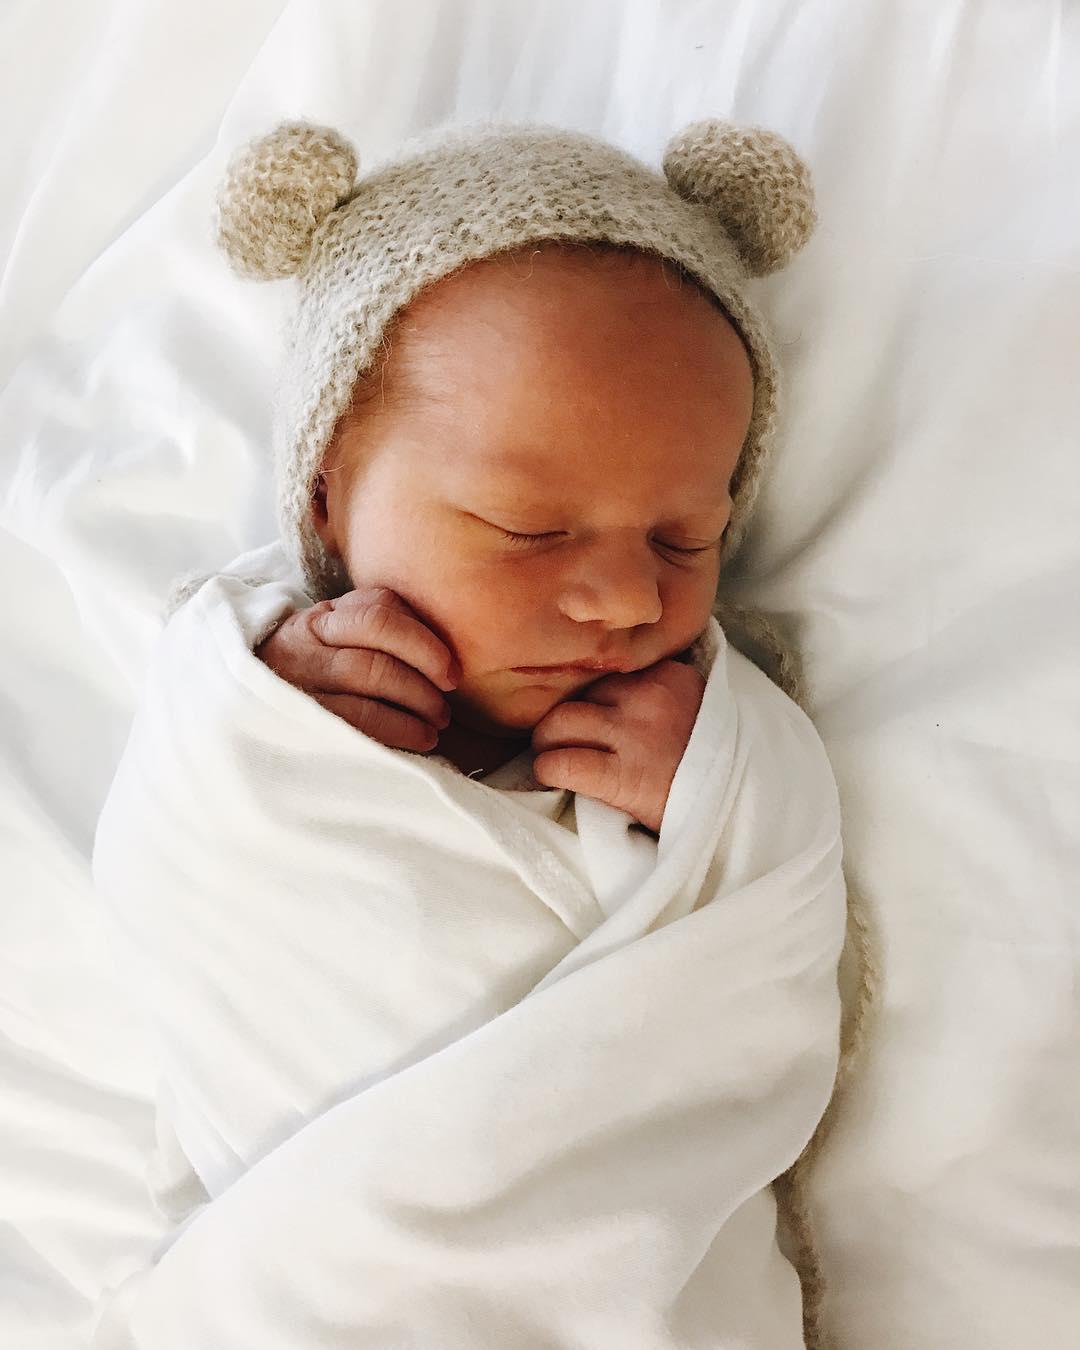 19歲天使級「小鮮肉男模」宣布女兒出生了!「老婆更正」公佈寶寶名字網友傻眼:會討厭爸爸